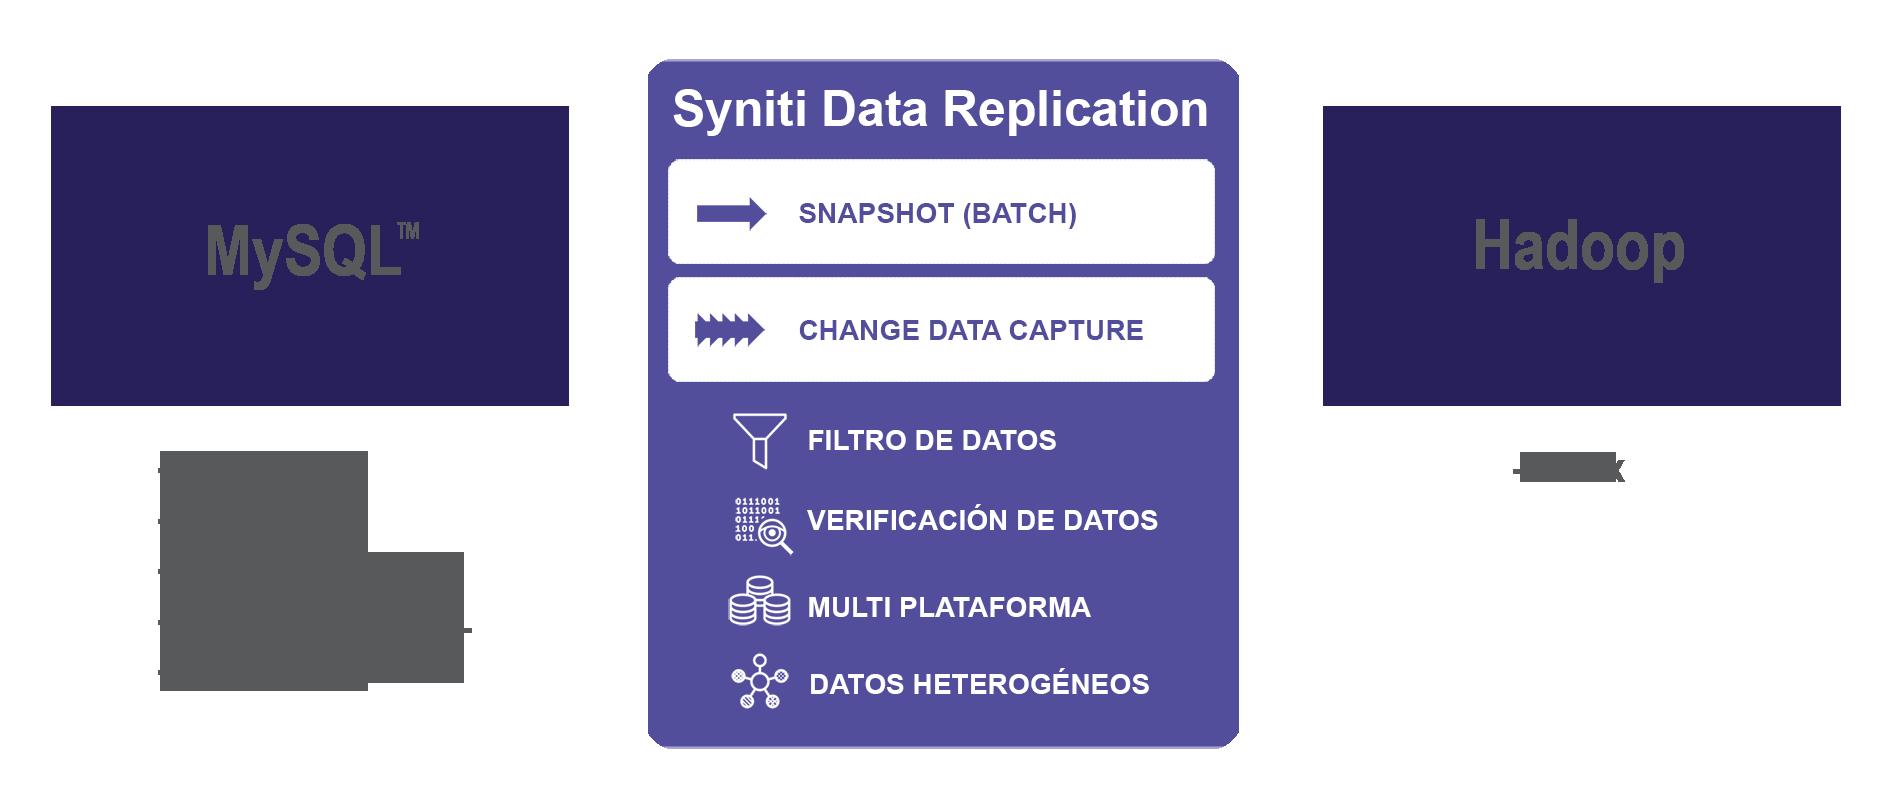 Replicacion de datos MySQL a Hadoop en tiempo real